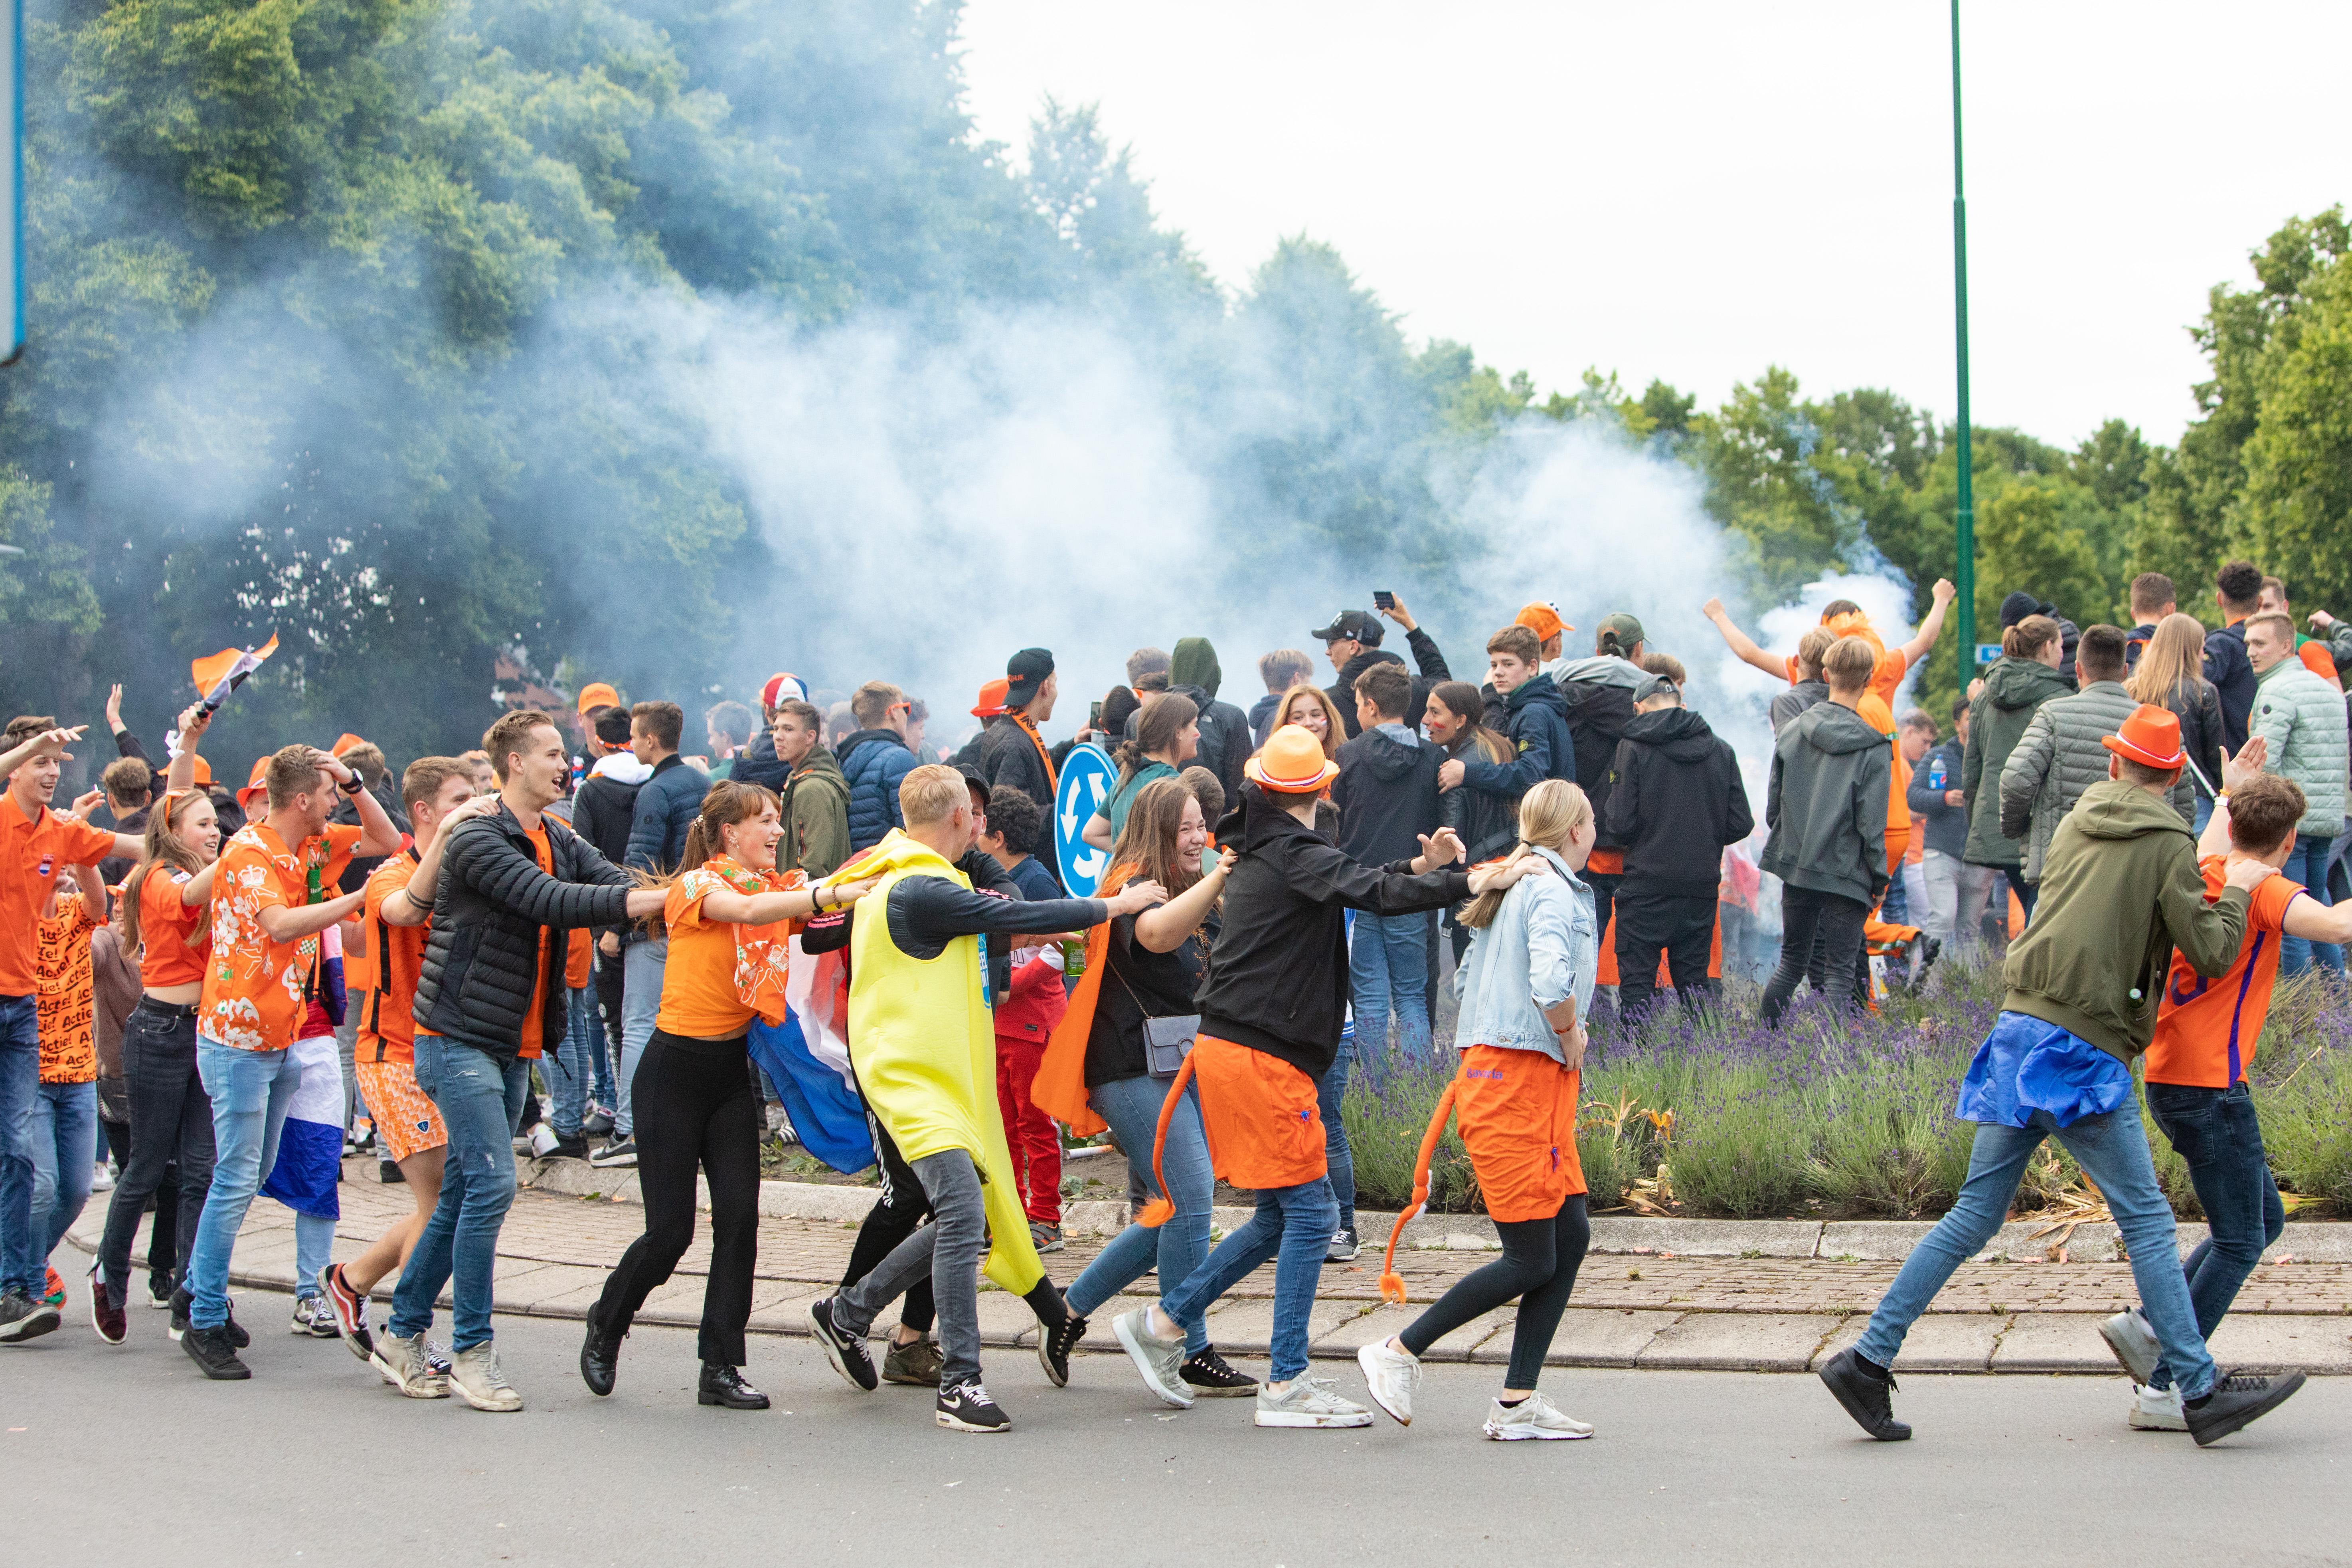 Bunschoten waarschuwt: laat spontaan oranjefeest op de rotonde niet uit de hand lopen; Camera's houden de boel in de gaten, bij escalatie direct ontruimen